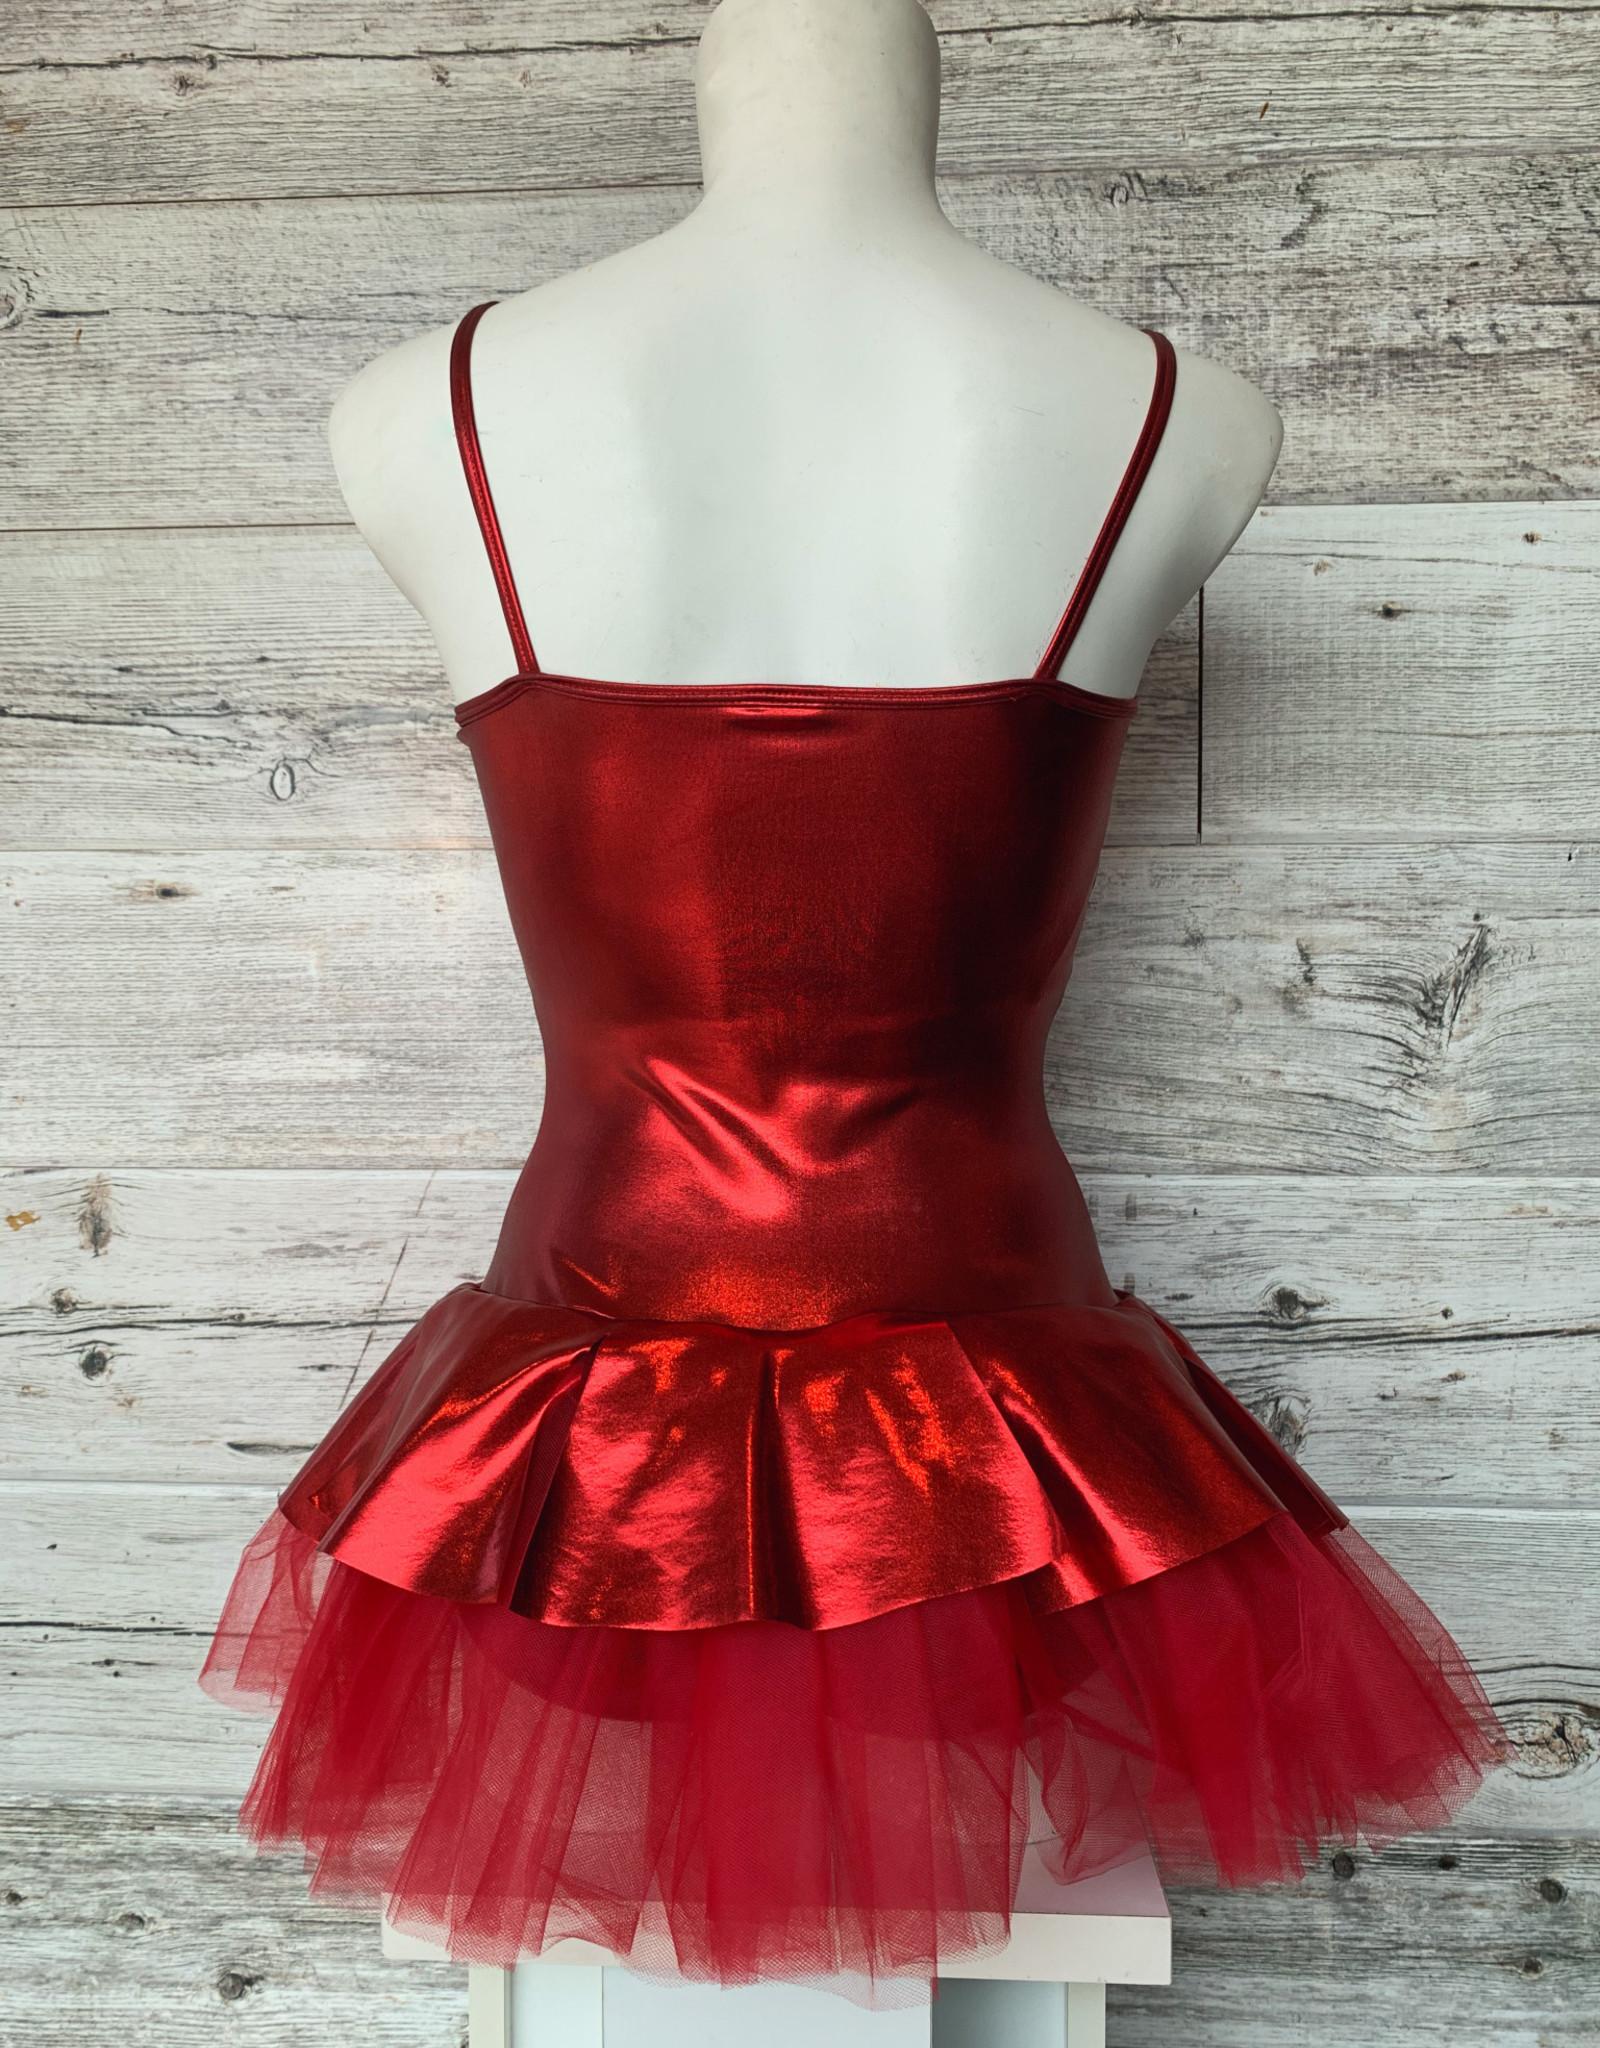 Costume Robe Rouge Métalique (M. AD)